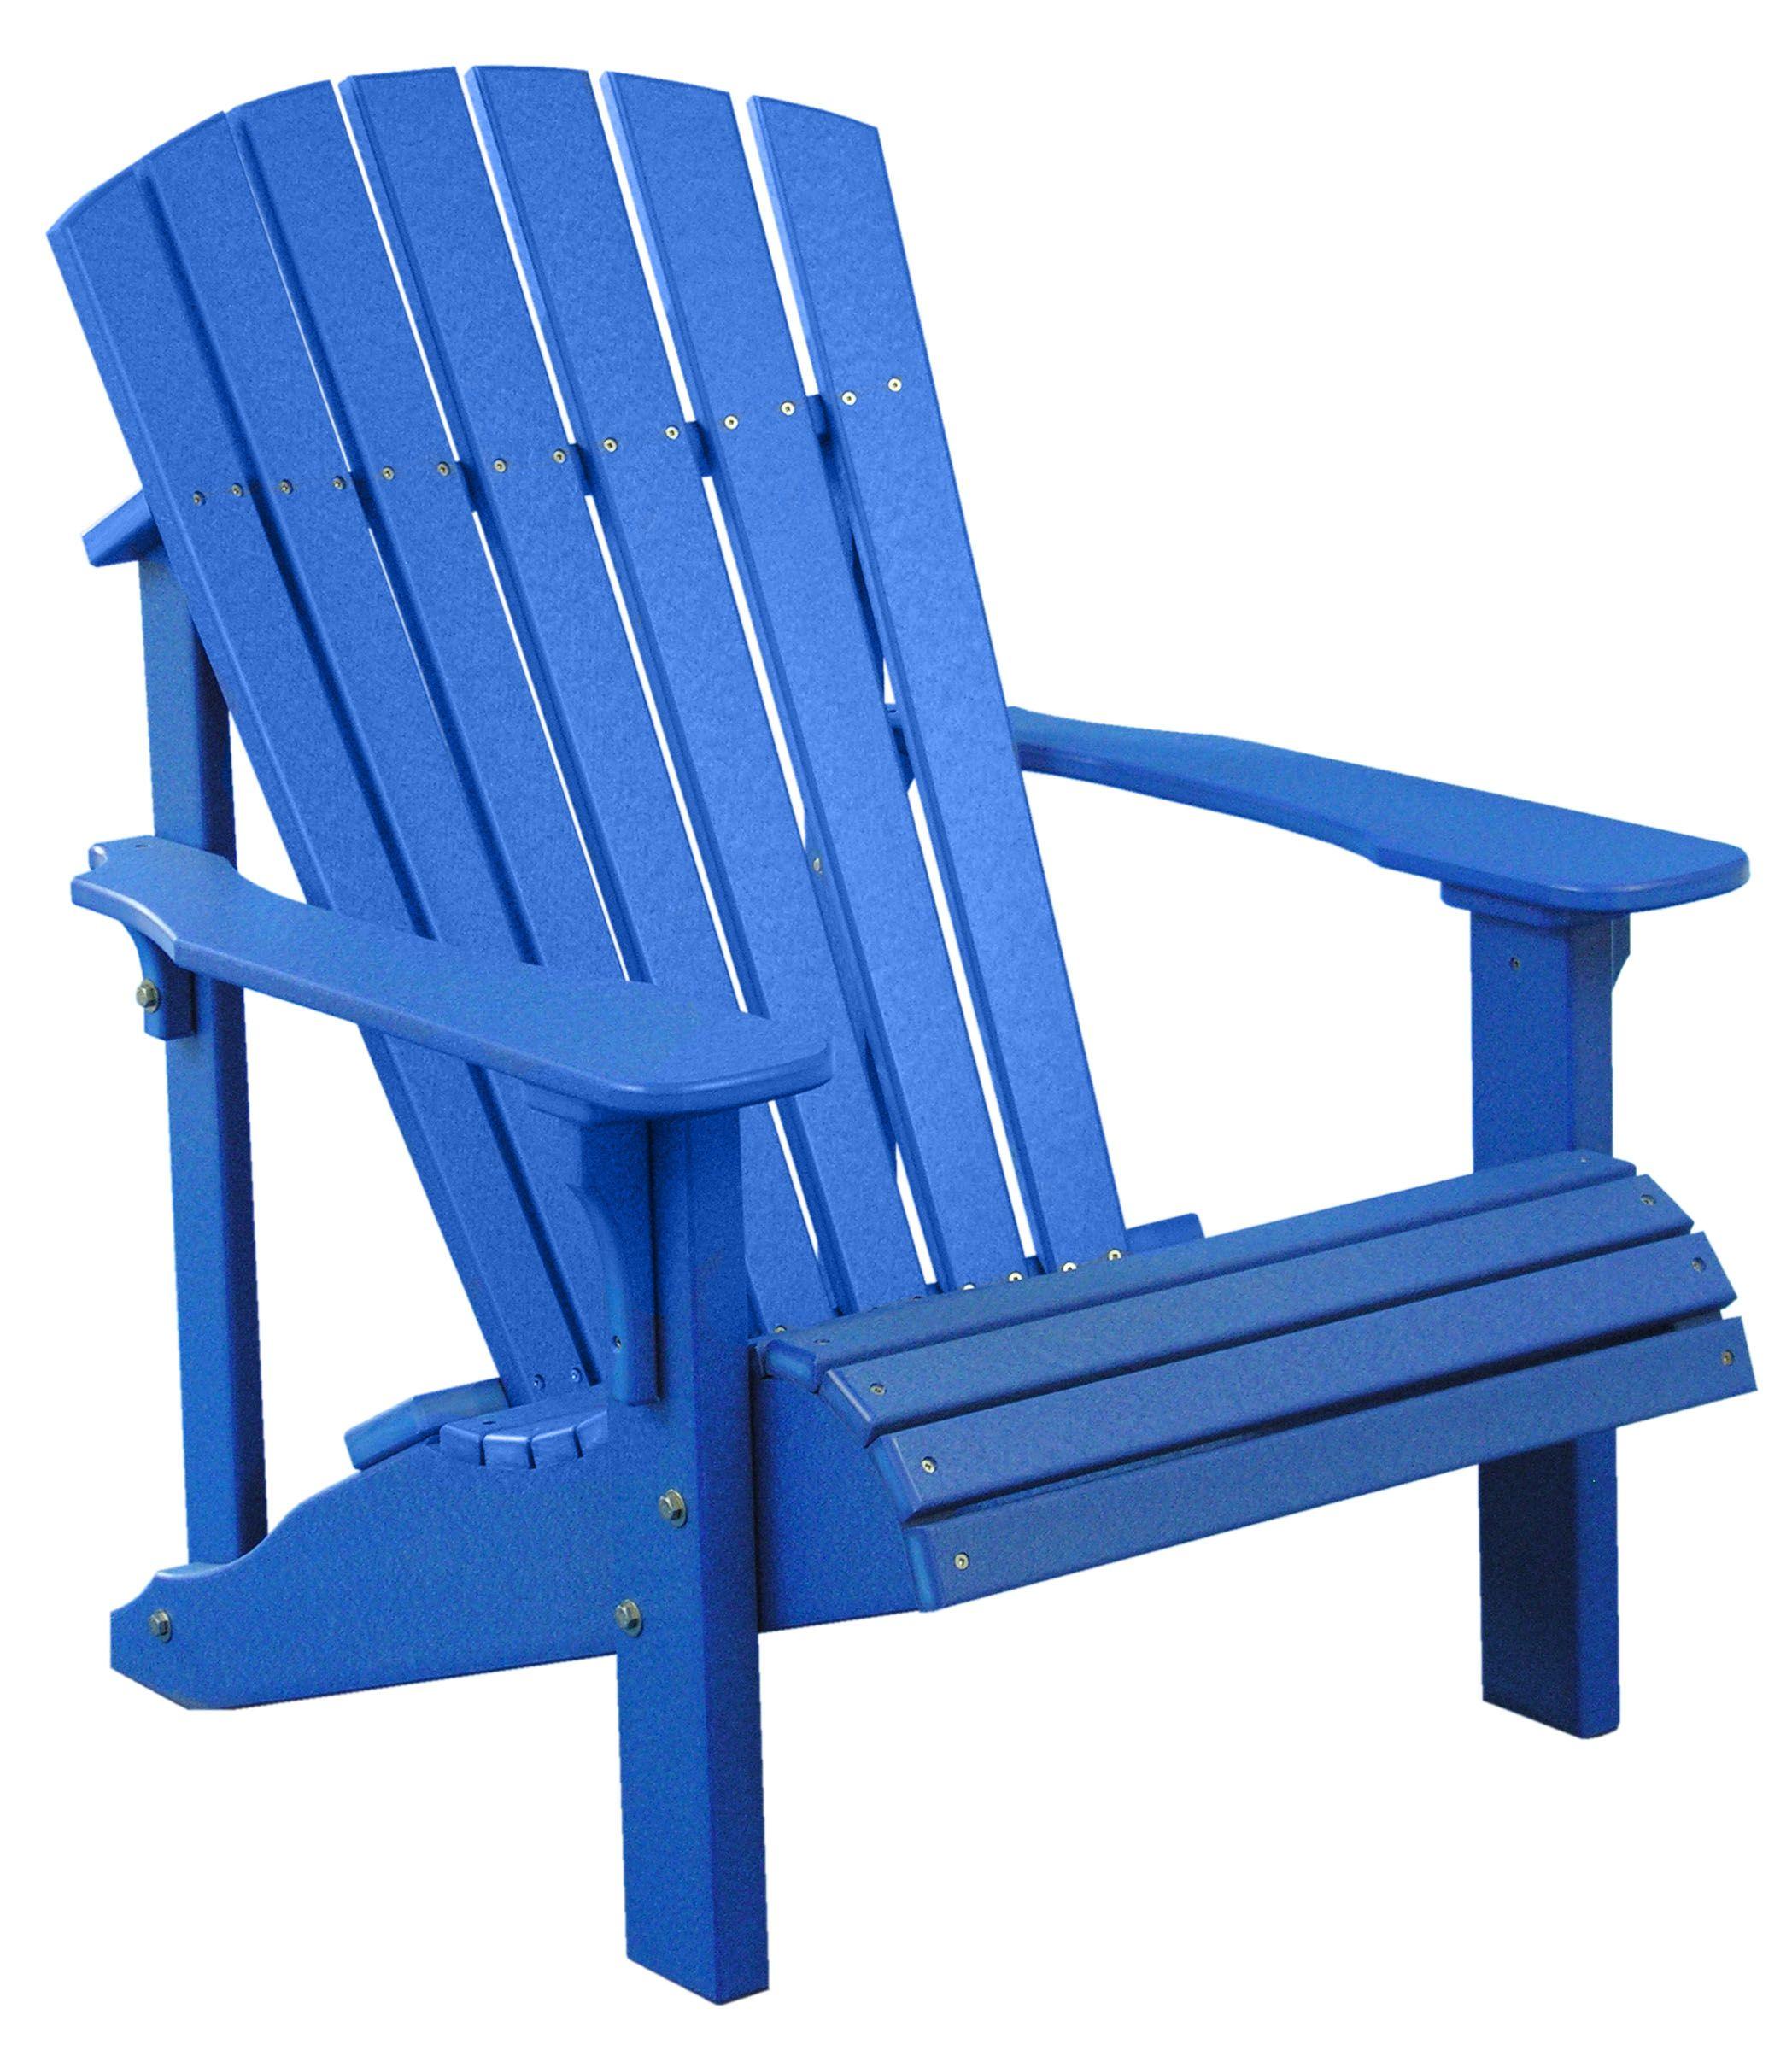 Coole Liegestuhle Big Deck Stuhle Terrasse Stuhle Liegestuhle